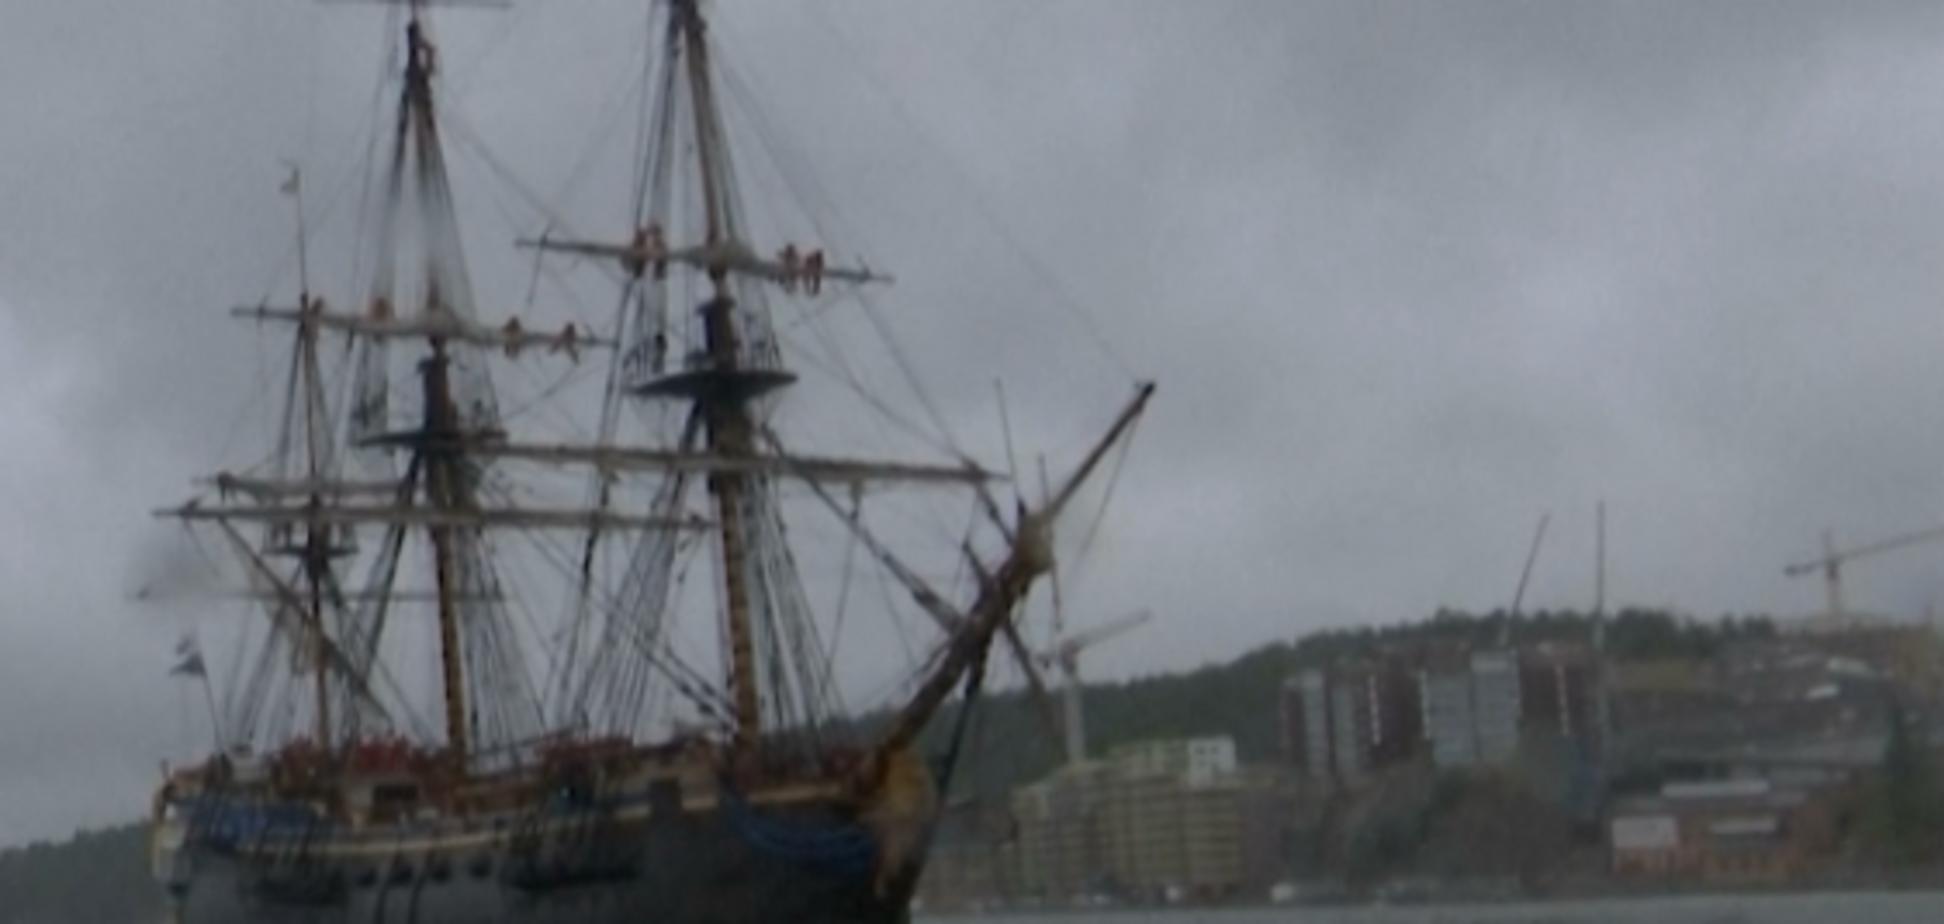 Повторяет обстановку 18 века: как выглядит самый большой в мире парусный корабль